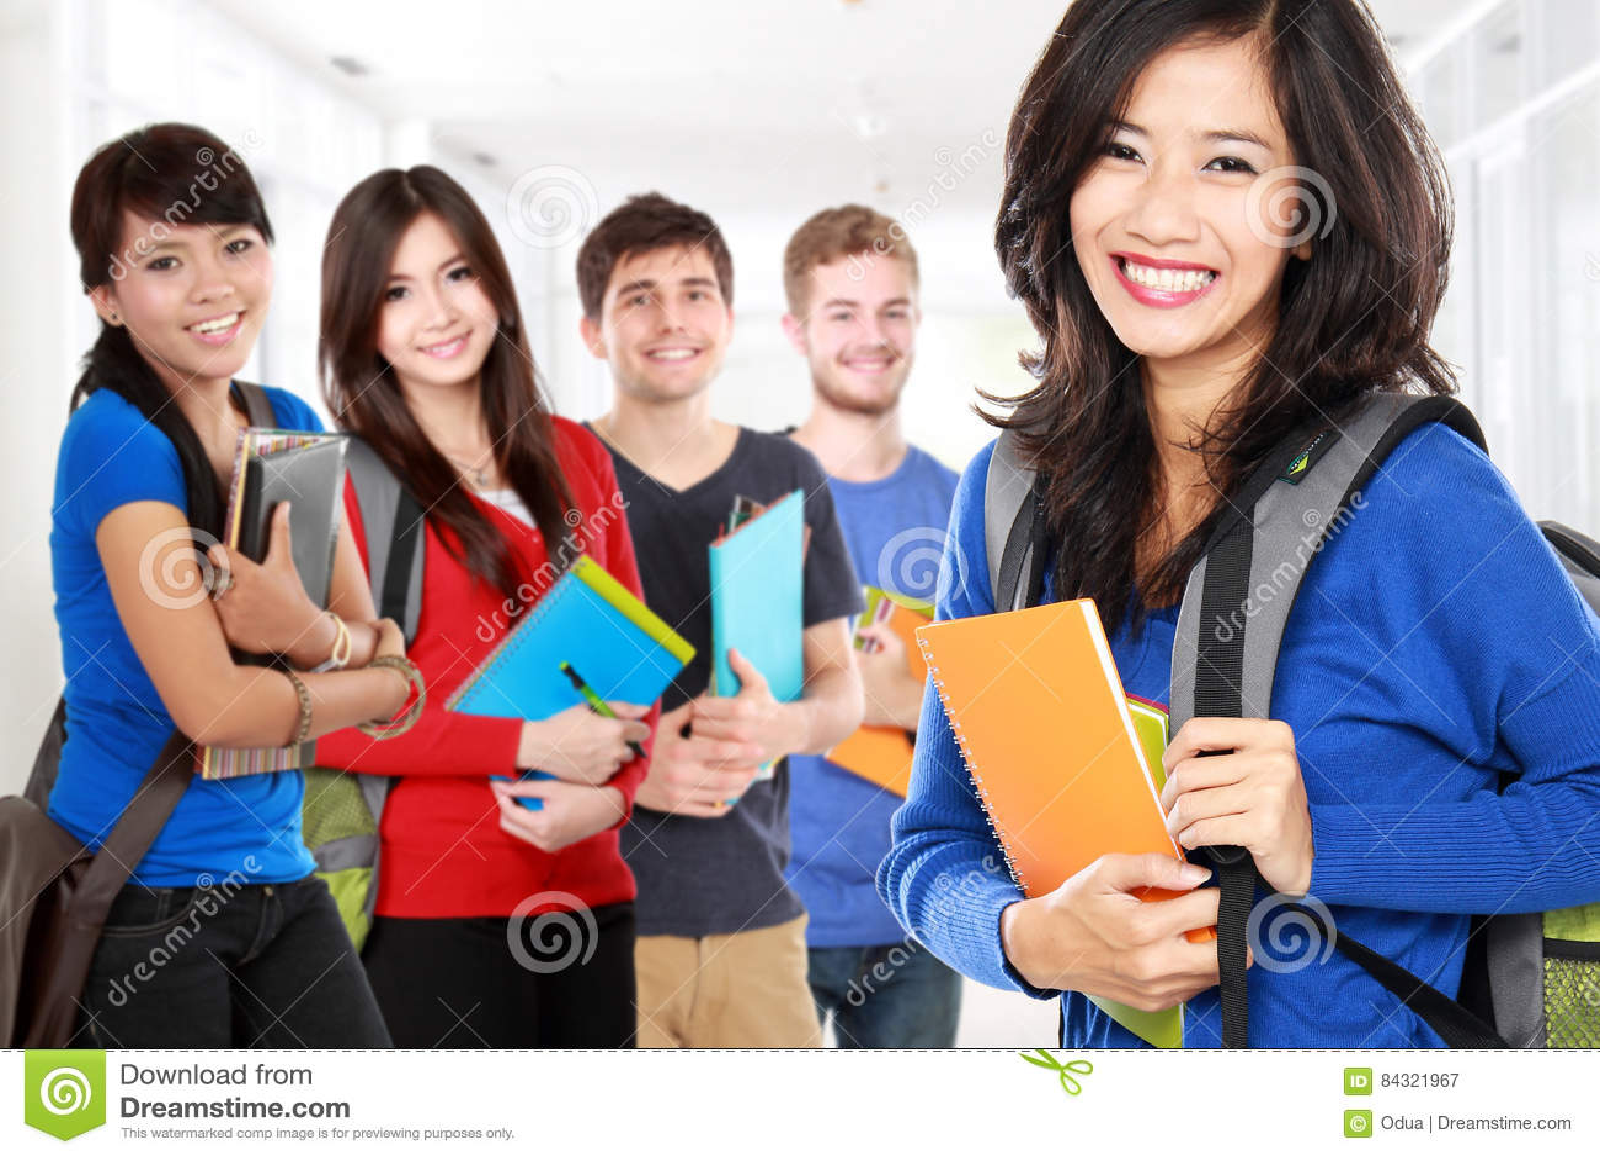 Studentin und Freunde, die zur Kamera lächeln